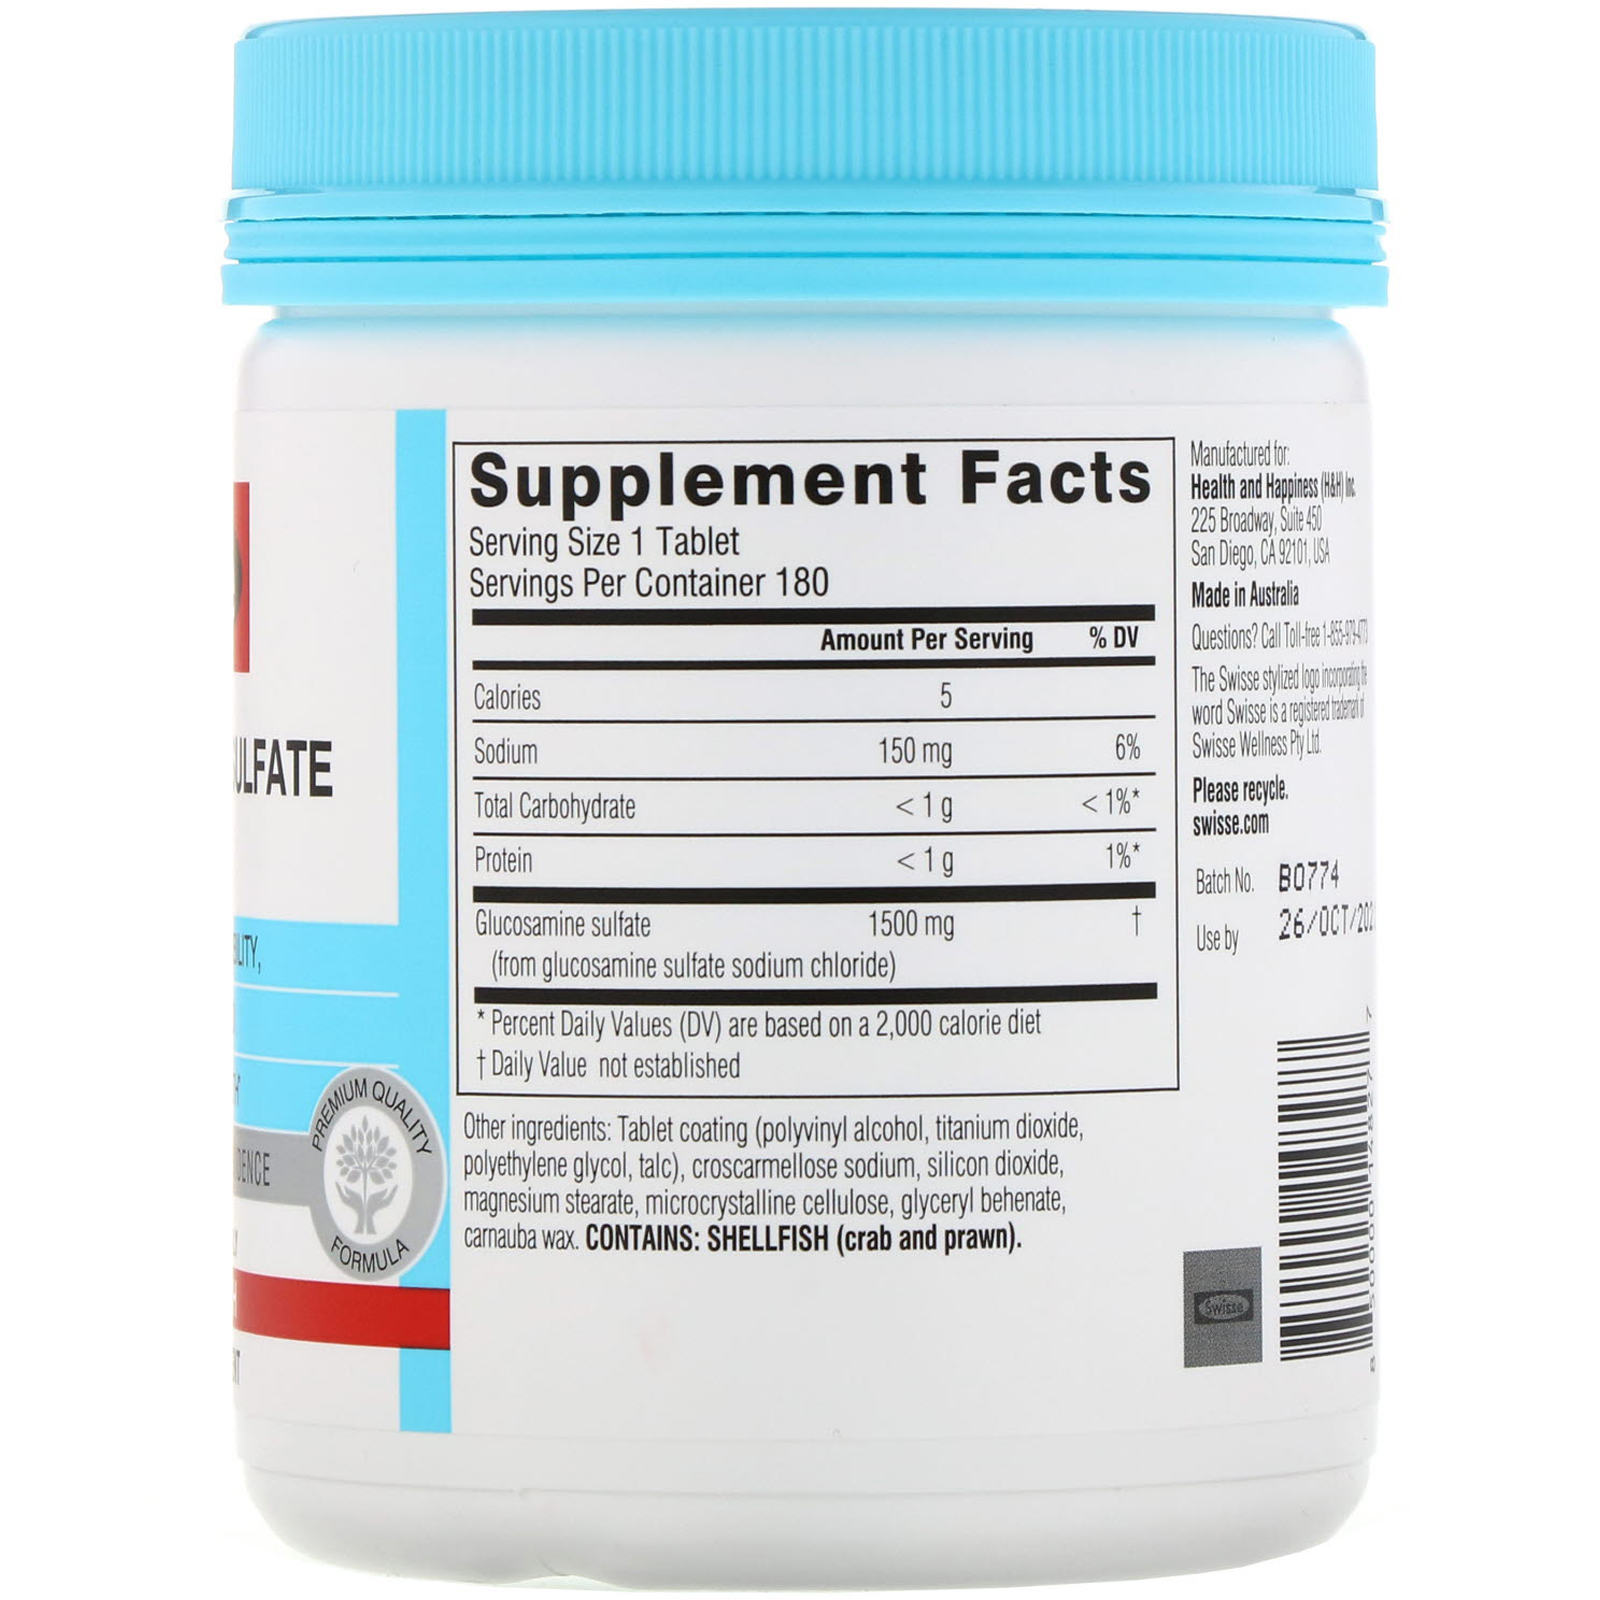 Swisse, Ultiboost, Glucosamine Sulfate, 1,500 Mg, 180